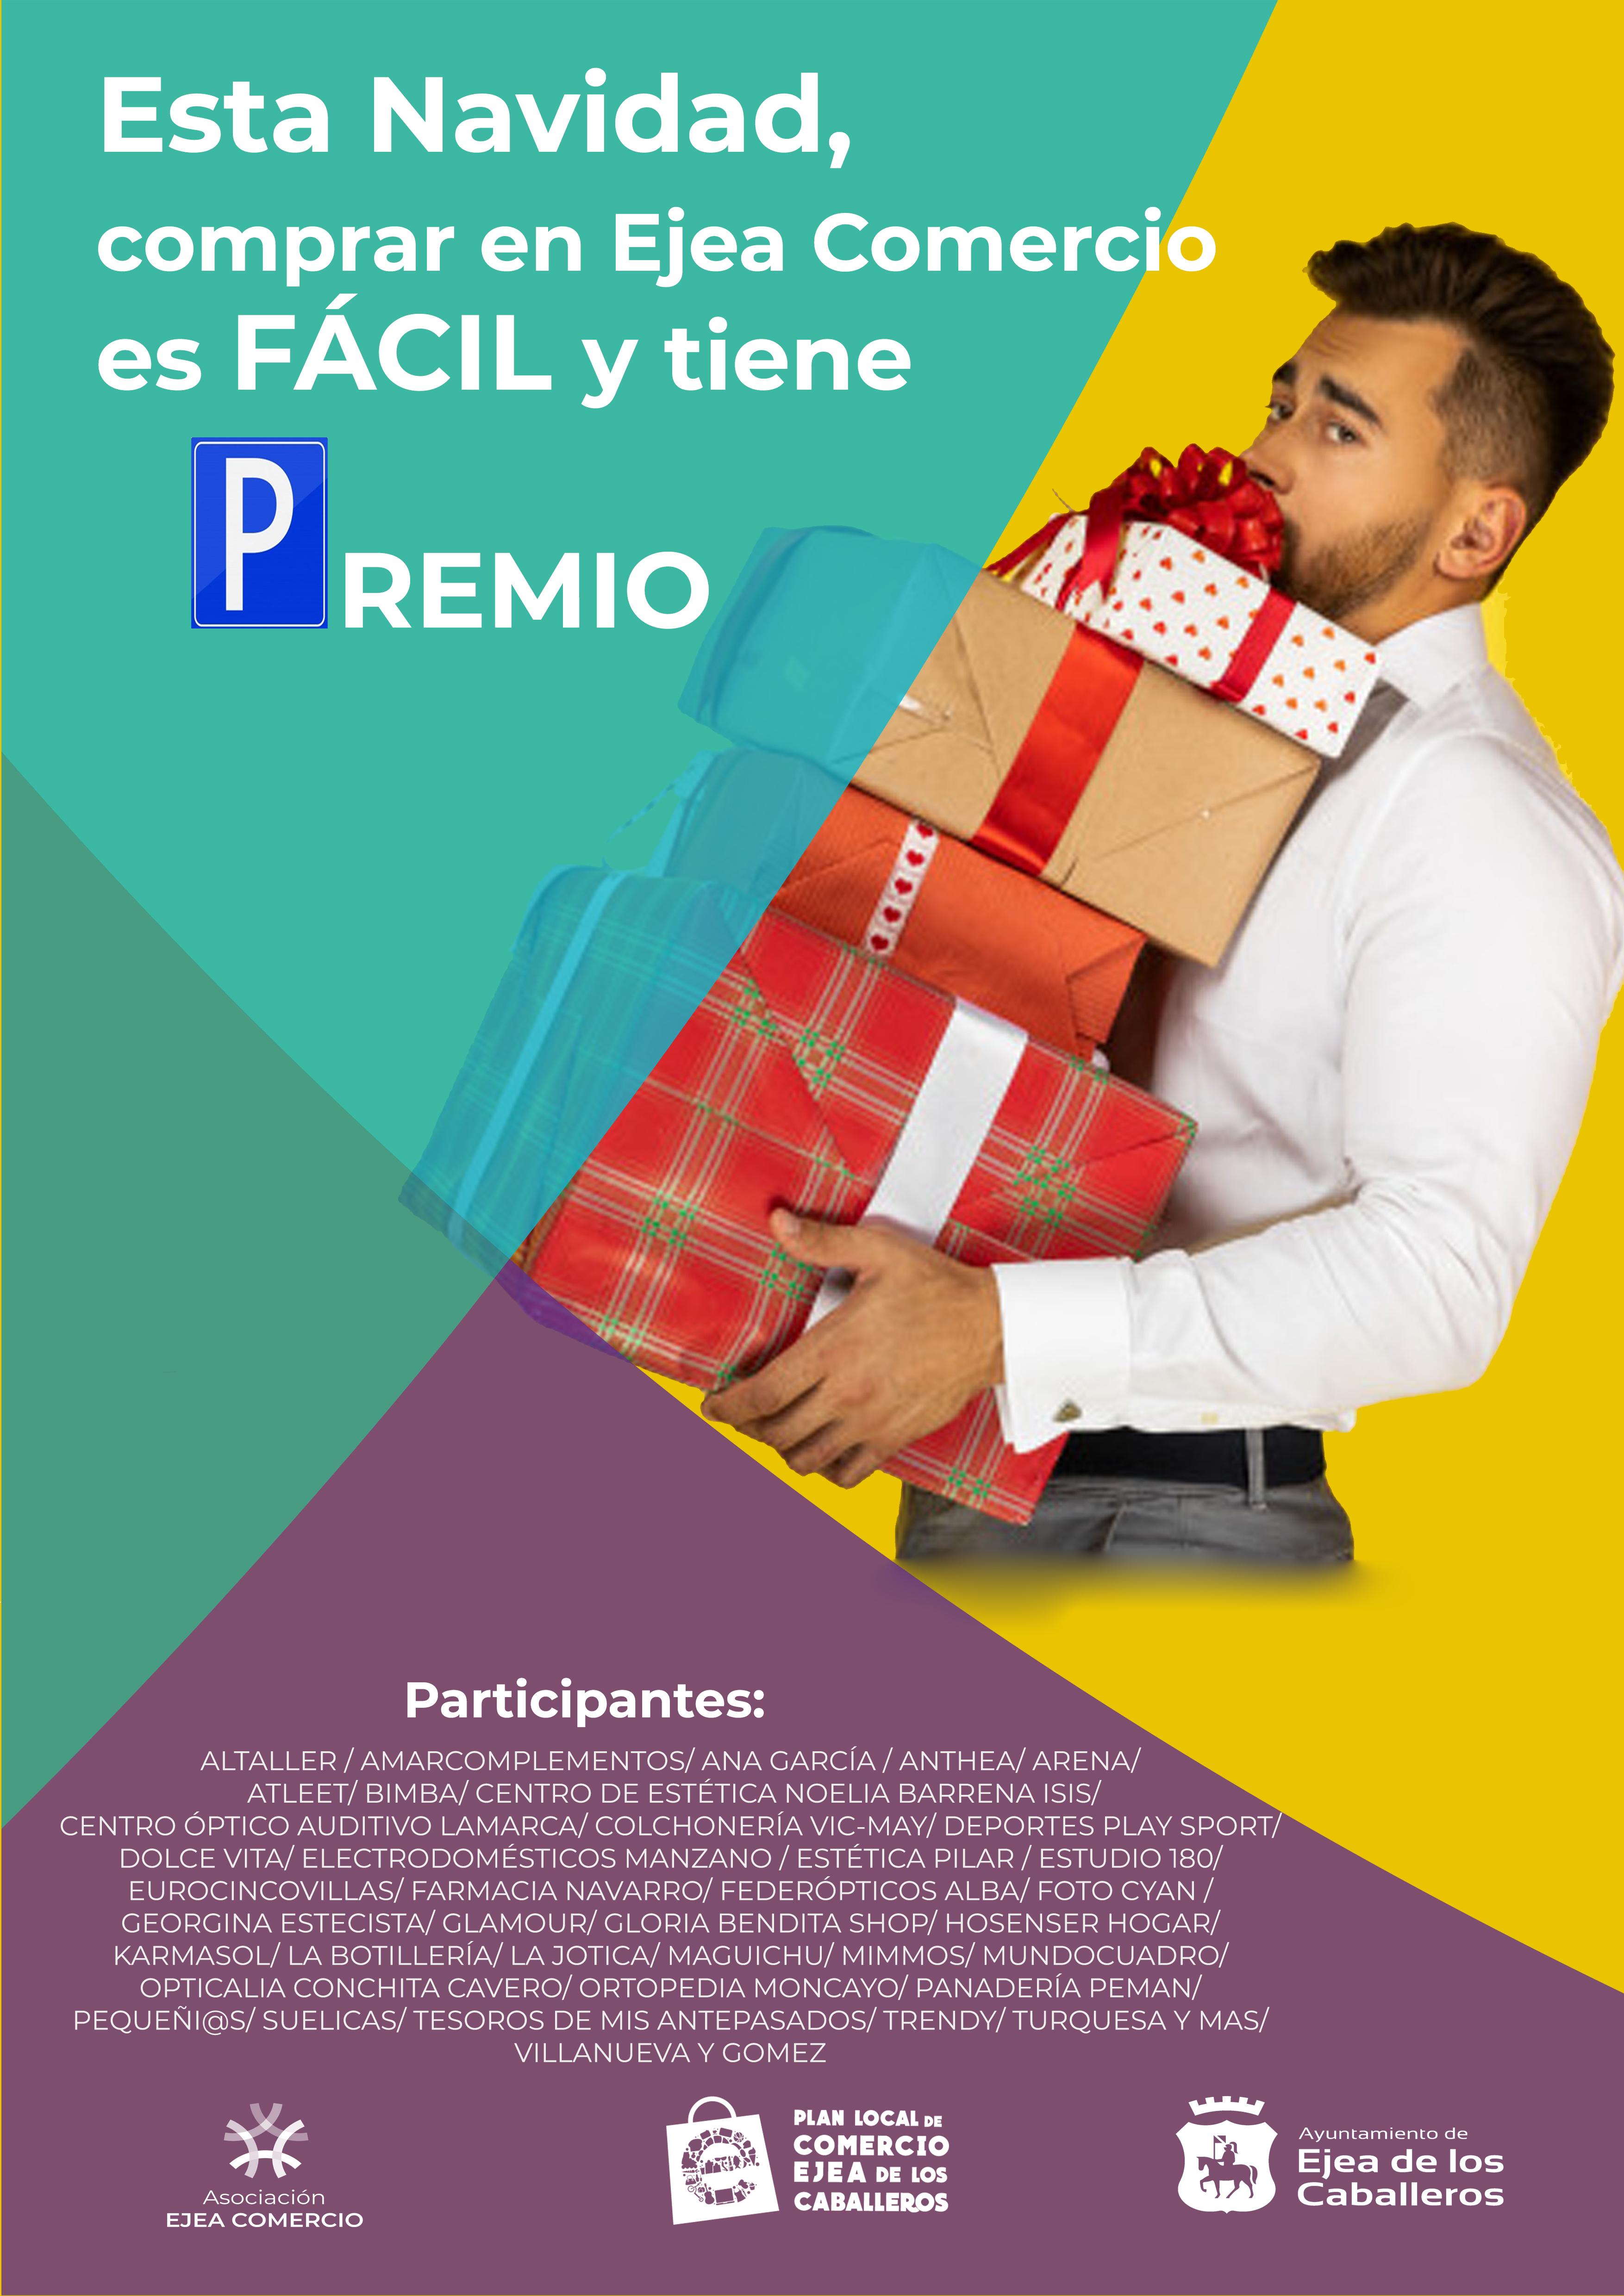 El Ayuntamiento de Ejea de los Caballeros y Ejea Comercio incentivan las compras navideñas entregando tickets de parking gratuitos